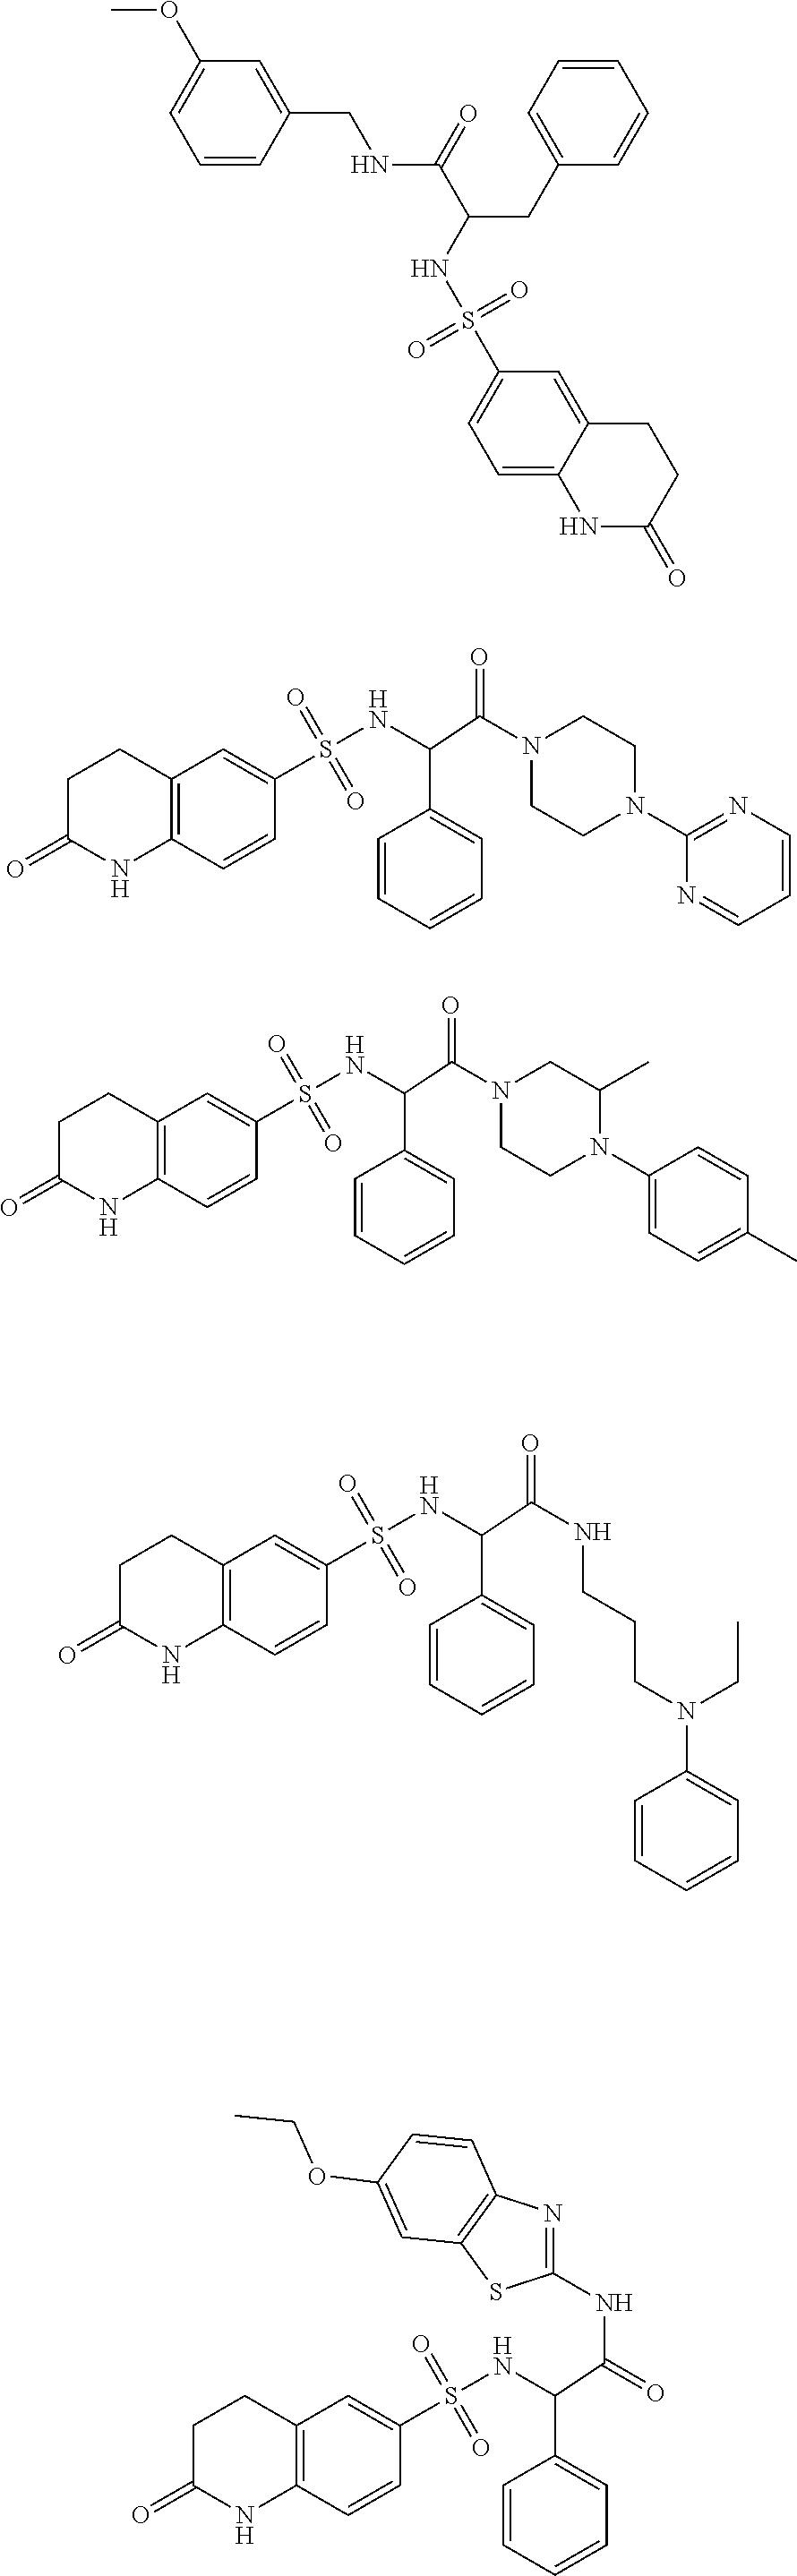 Figure US08957075-20150217-C00027